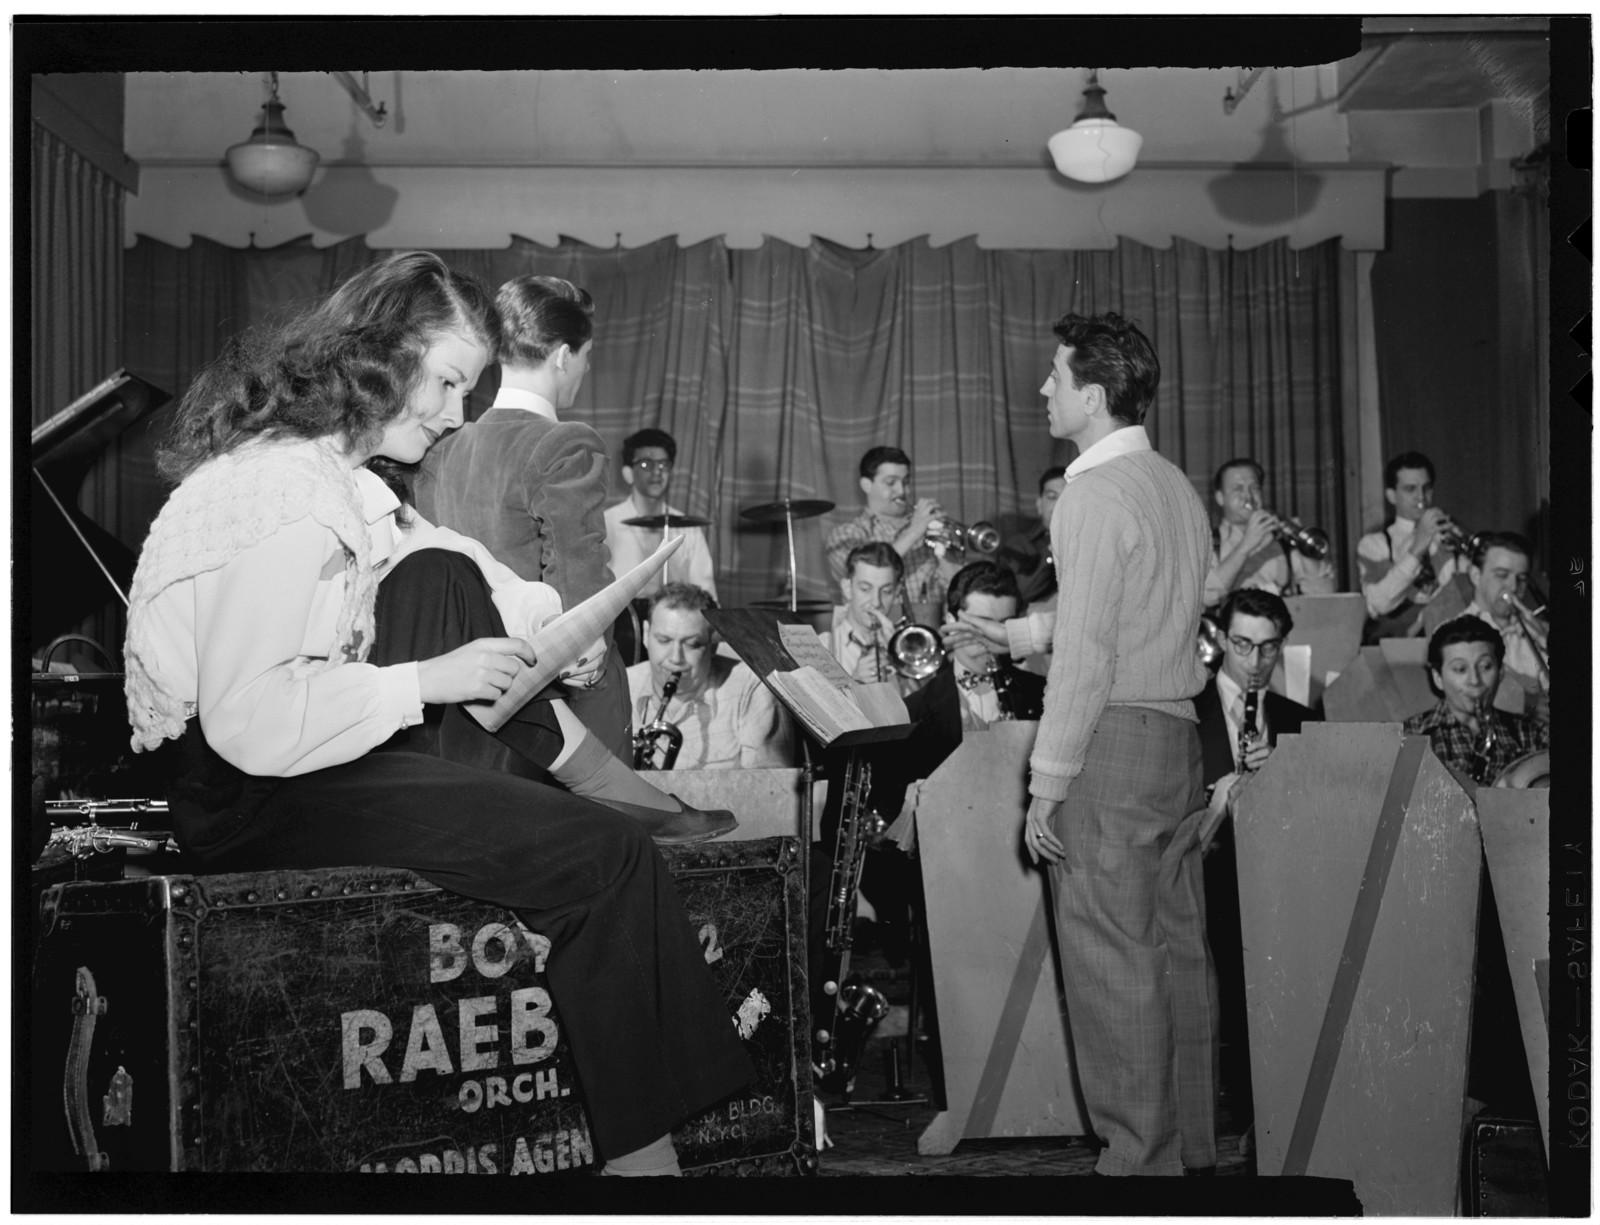 [Portrait of Boyd Raeburn, Ginnie Powell, vocalist Johnson, Irv Kluger, Pete Candoli, Wes Hensel, Gordon Boswell, Hy Mandell, Randy Bellerjeau, Abe Markowitz, and Buddy De Franco, Nola's, New York, N.Y., ca. Feb. 1947]